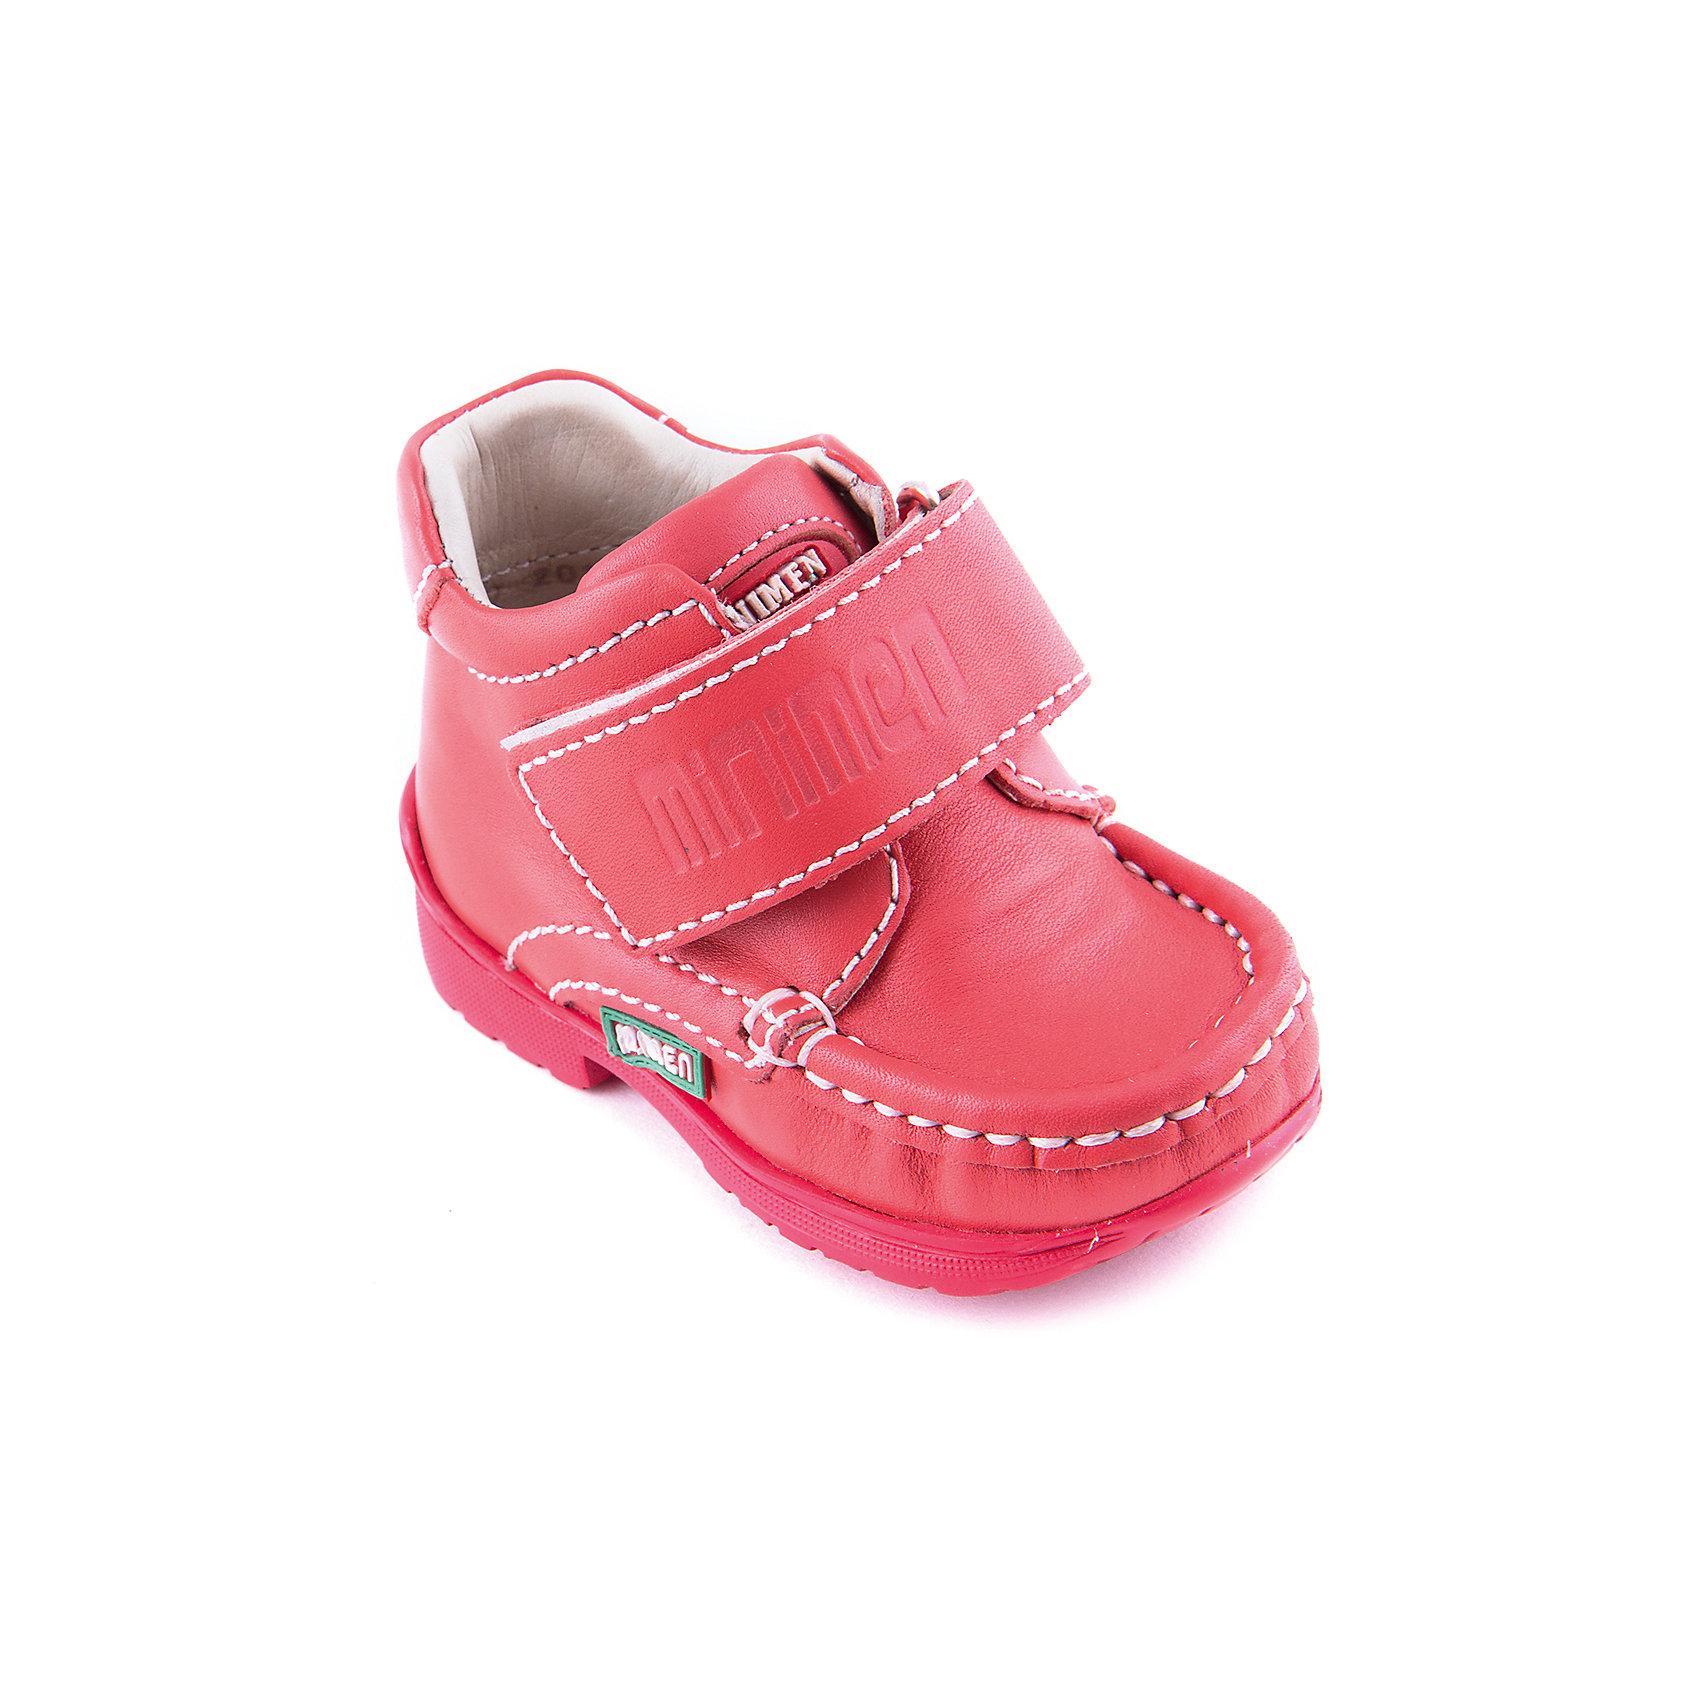 Ботинки для девочки MinimenЯркие ортопедические ботинки из натуральной кожи для девочки от известного турецкого бренда Minimen. Изделие предназначено для использования в сухую погоду при температуре воздуха выше +10 градусов и обладает следующими особенностями:<br>- насыщенный красный цвет, привлекательный дизайн;<br>- удобная застежка: широкий ремешок с велкро;<br>- высокий укрепленный задник, надежно фиксирующий пятку;<br>- мягкий верхний задник, обеспечивающий комфорт и предотвращающий скольжение ступни;<br>- подкладка из натуральной кожи позволяет коже дышать;<br>- смягченная стелька SOFT EFFECT с супинатором обеспечивает отличную поддержку стопы;<br>- легкая нескользящая подошва с каблуком Томаса.<br>Лучшая ортопедическая обувь для любимых ножек.<br><br>Дополнительная информация:<br>- Температурный режим: выше +10 градусов<br>- Состав: <br>Материал верха: натуральная кожа 100%; <br>Материал подкладки: натуральная кожа 100%; <br>Материал подошвы: термопластик 100%<br><br>Ботинки для девочки Minimen (Минимен) можно купить в нашем магазине<br><br>Ширина мм: 262<br>Глубина мм: 176<br>Высота мм: 97<br>Вес г: 427<br>Цвет: красный<br>Возраст от месяцев: 12<br>Возраст до месяцев: 15<br>Пол: Женский<br>Возраст: Детский<br>Размер: 21,20,19,22<br>SKU: 4008781